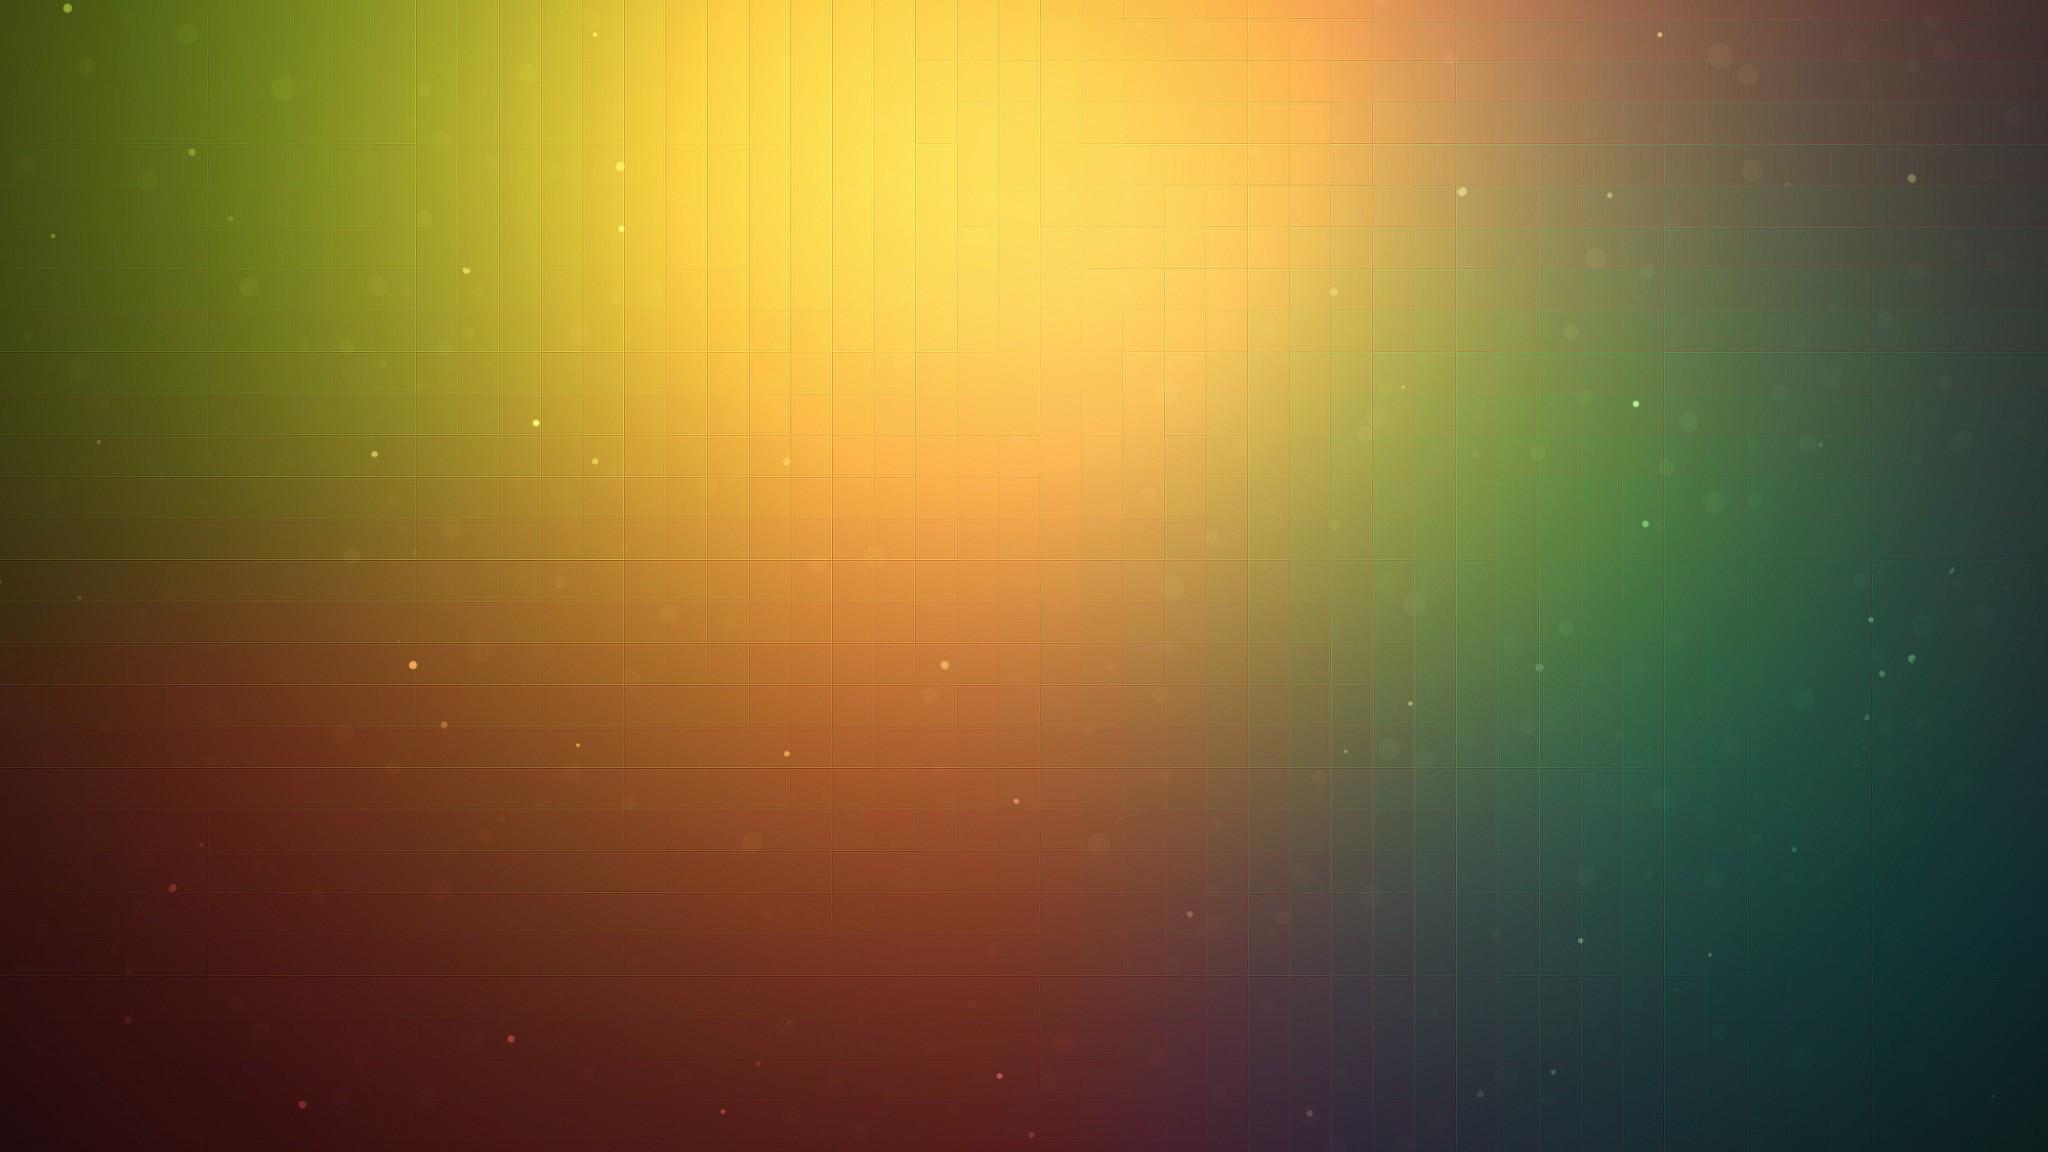 Wallpaper pixels, square, light, shining